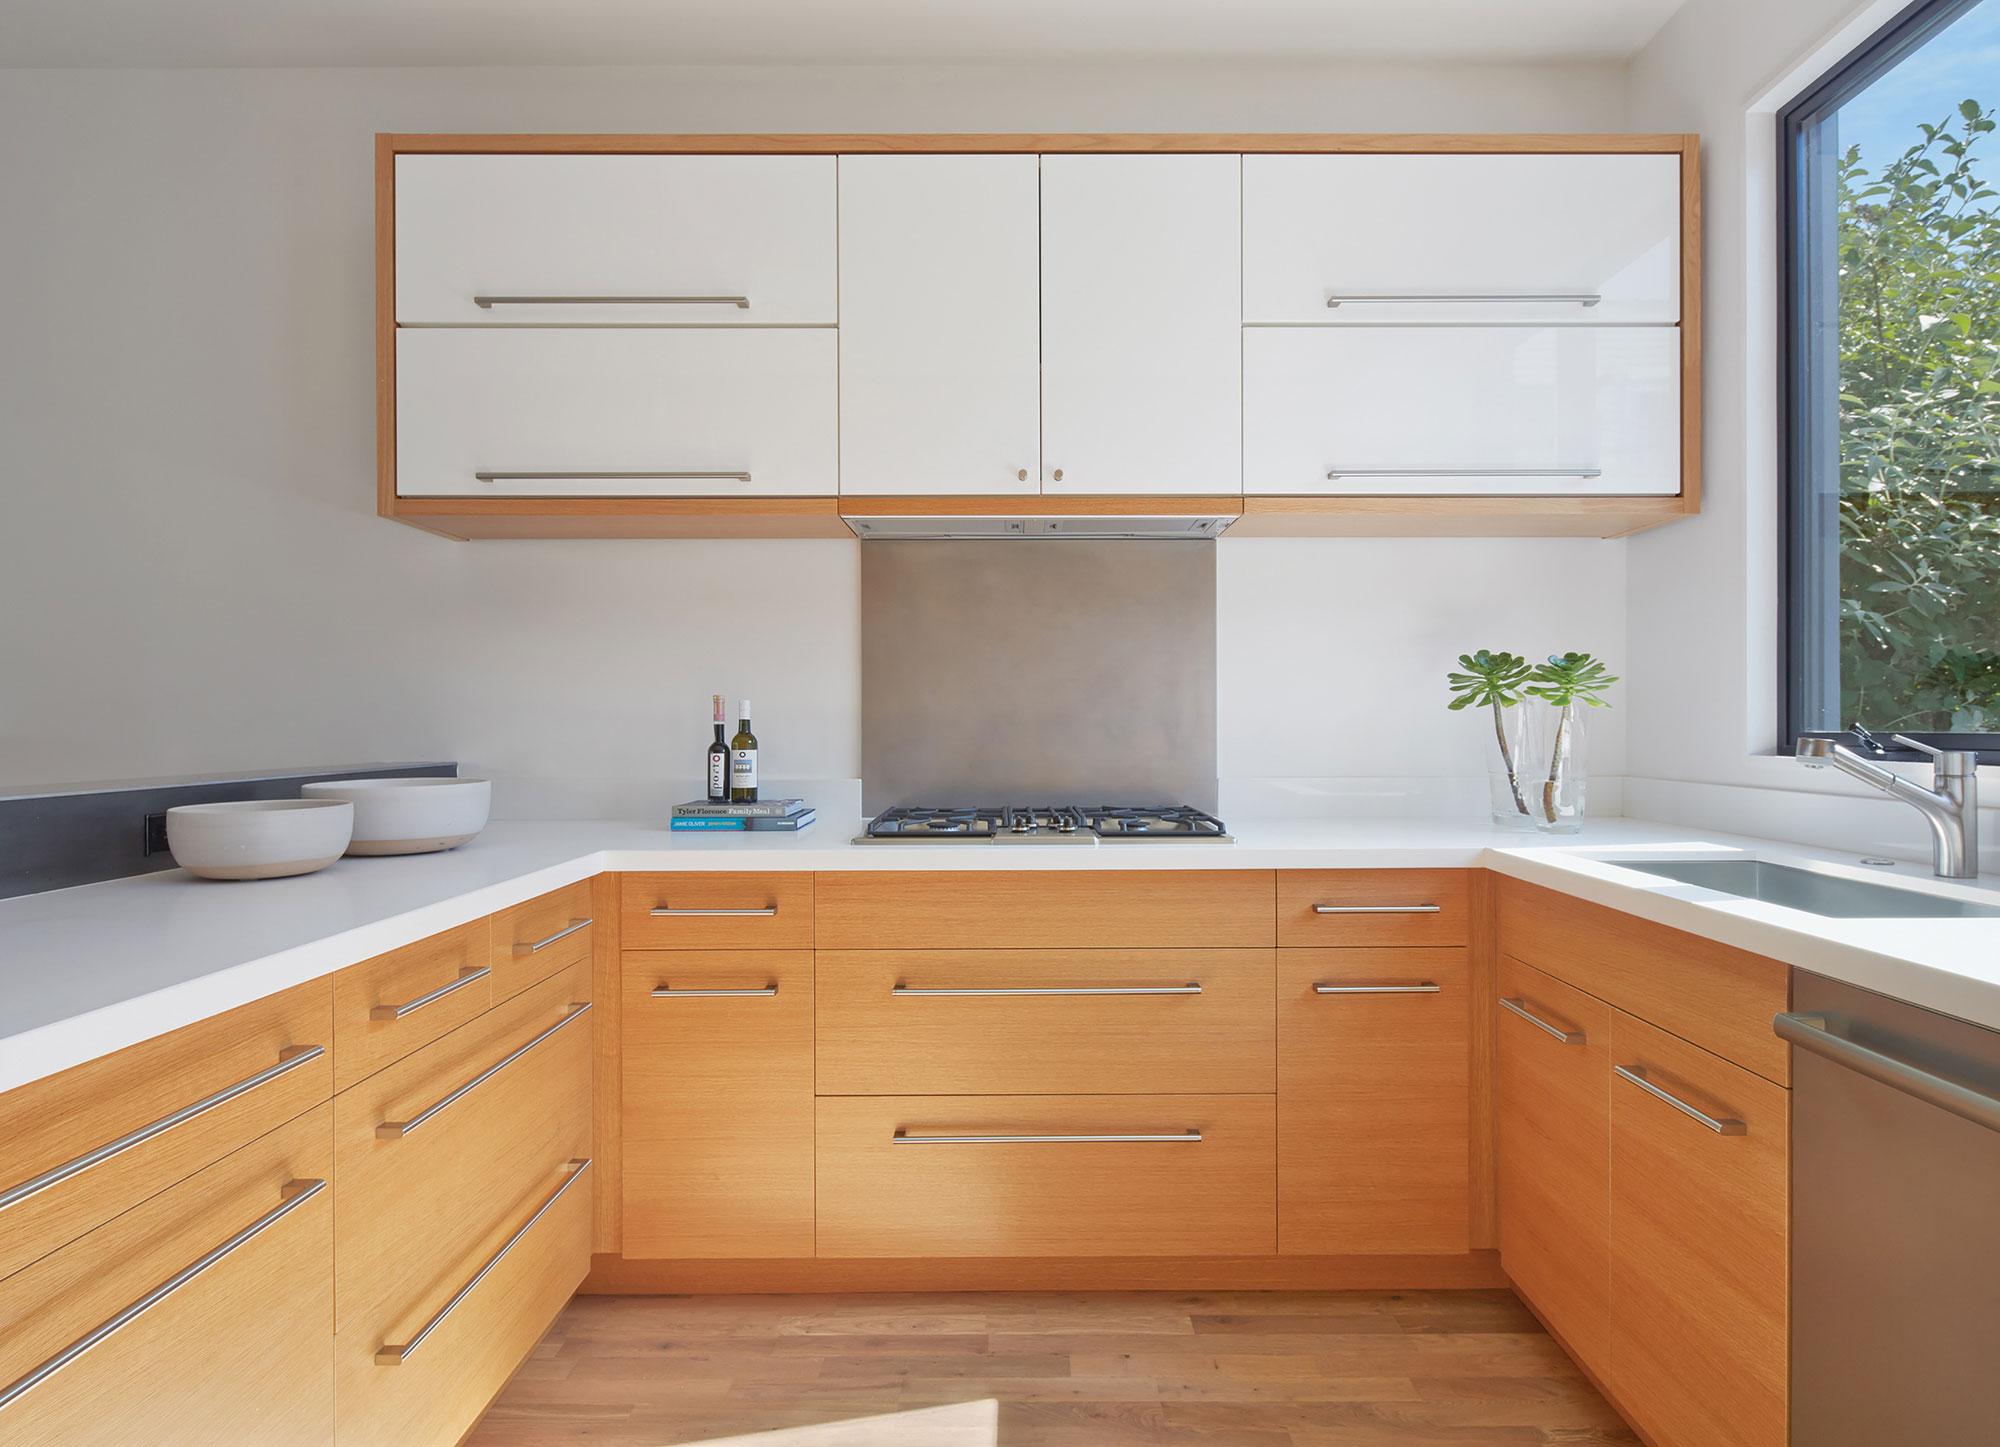 Bright and Elegant Interior Design of Steelhouse 1 plus 2 by Zack de Vito Architecture-05